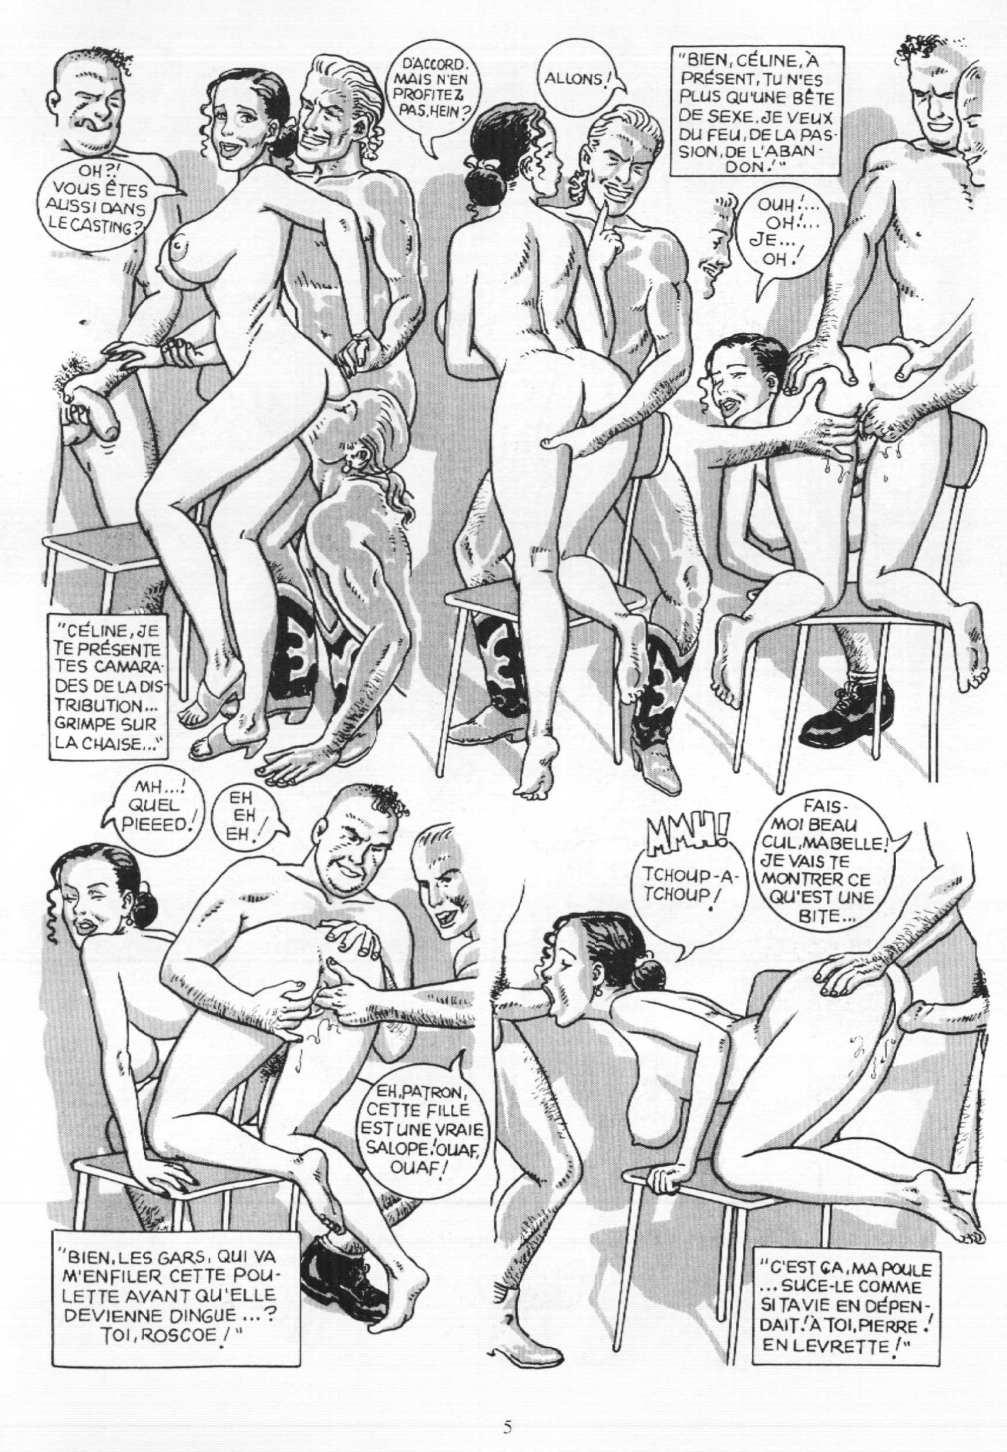 Casting de bruno y maria en el feda 2015 by viciosilloscom - 1 part 10